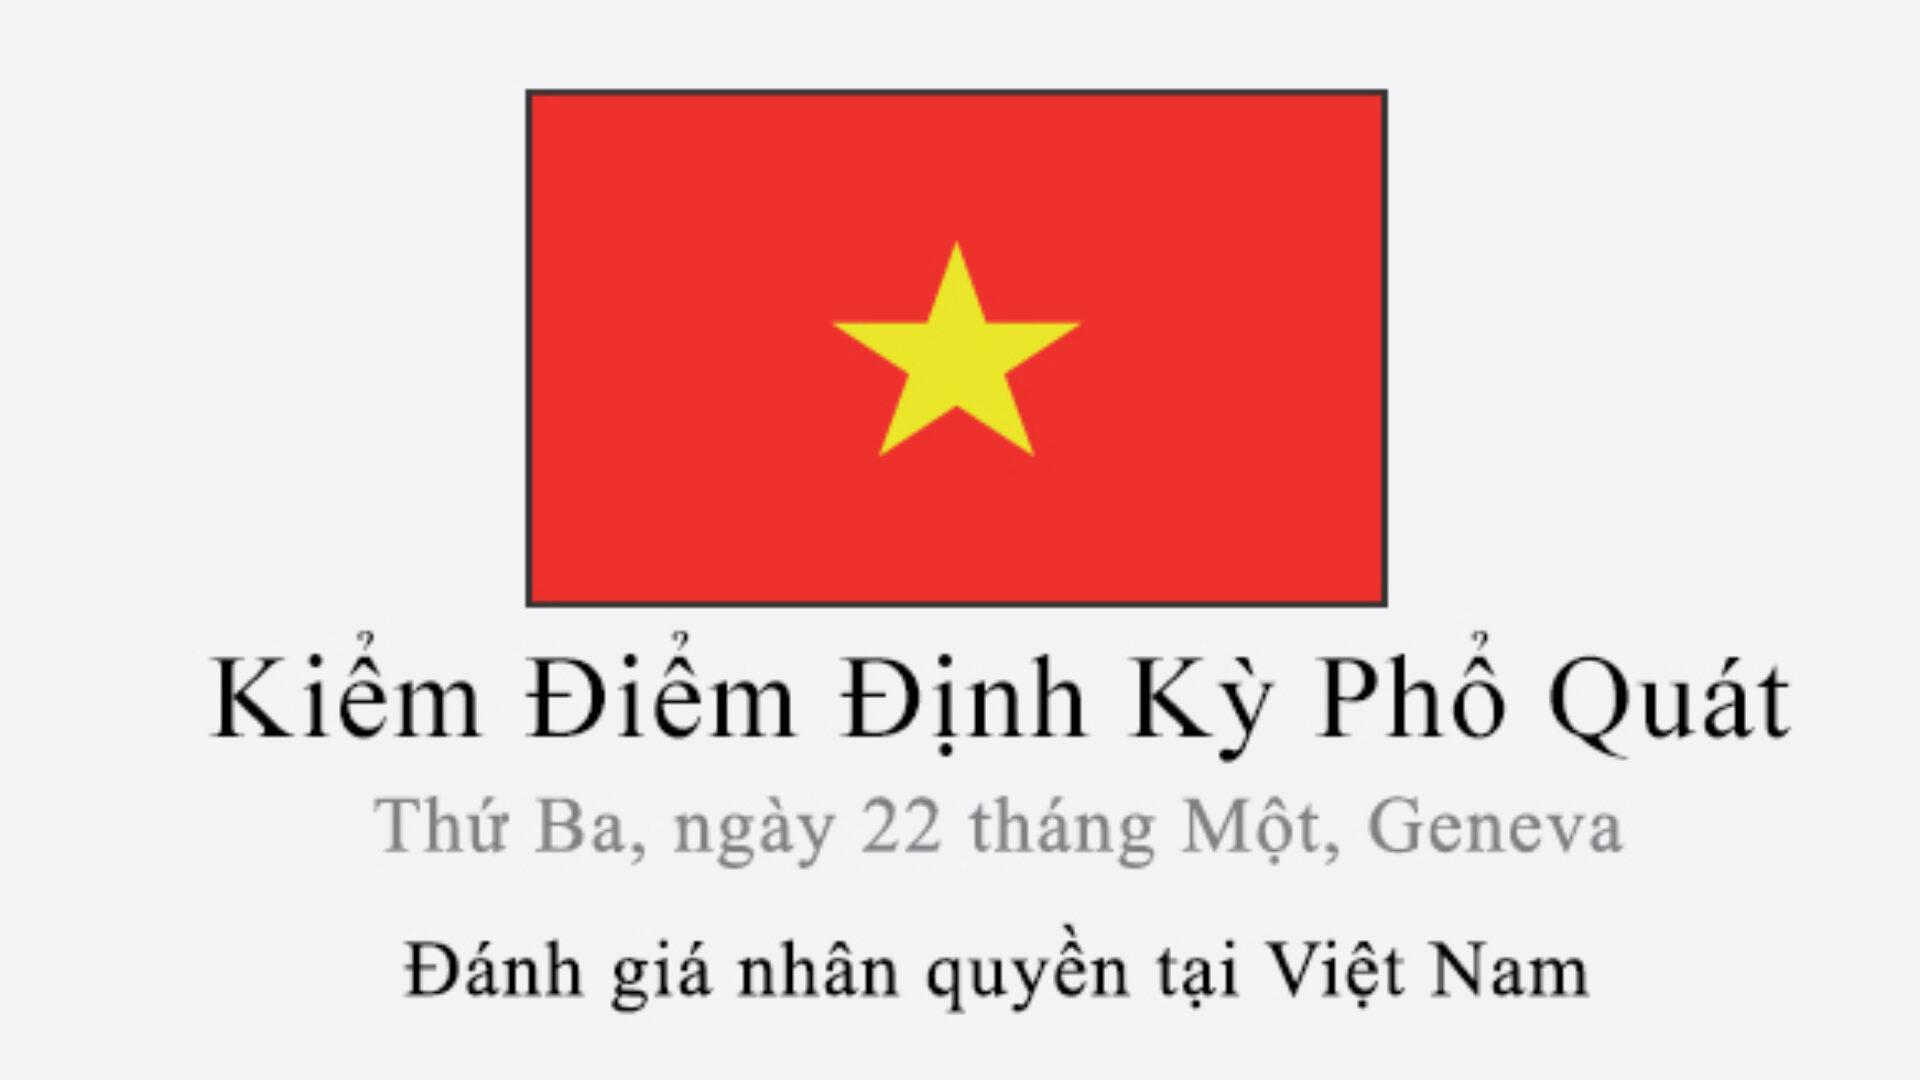 (Tiếng Việt) Xem livestream Nhà nước Việt Nam báo cáo nhân quyền tại Liên Hiệp Quốc